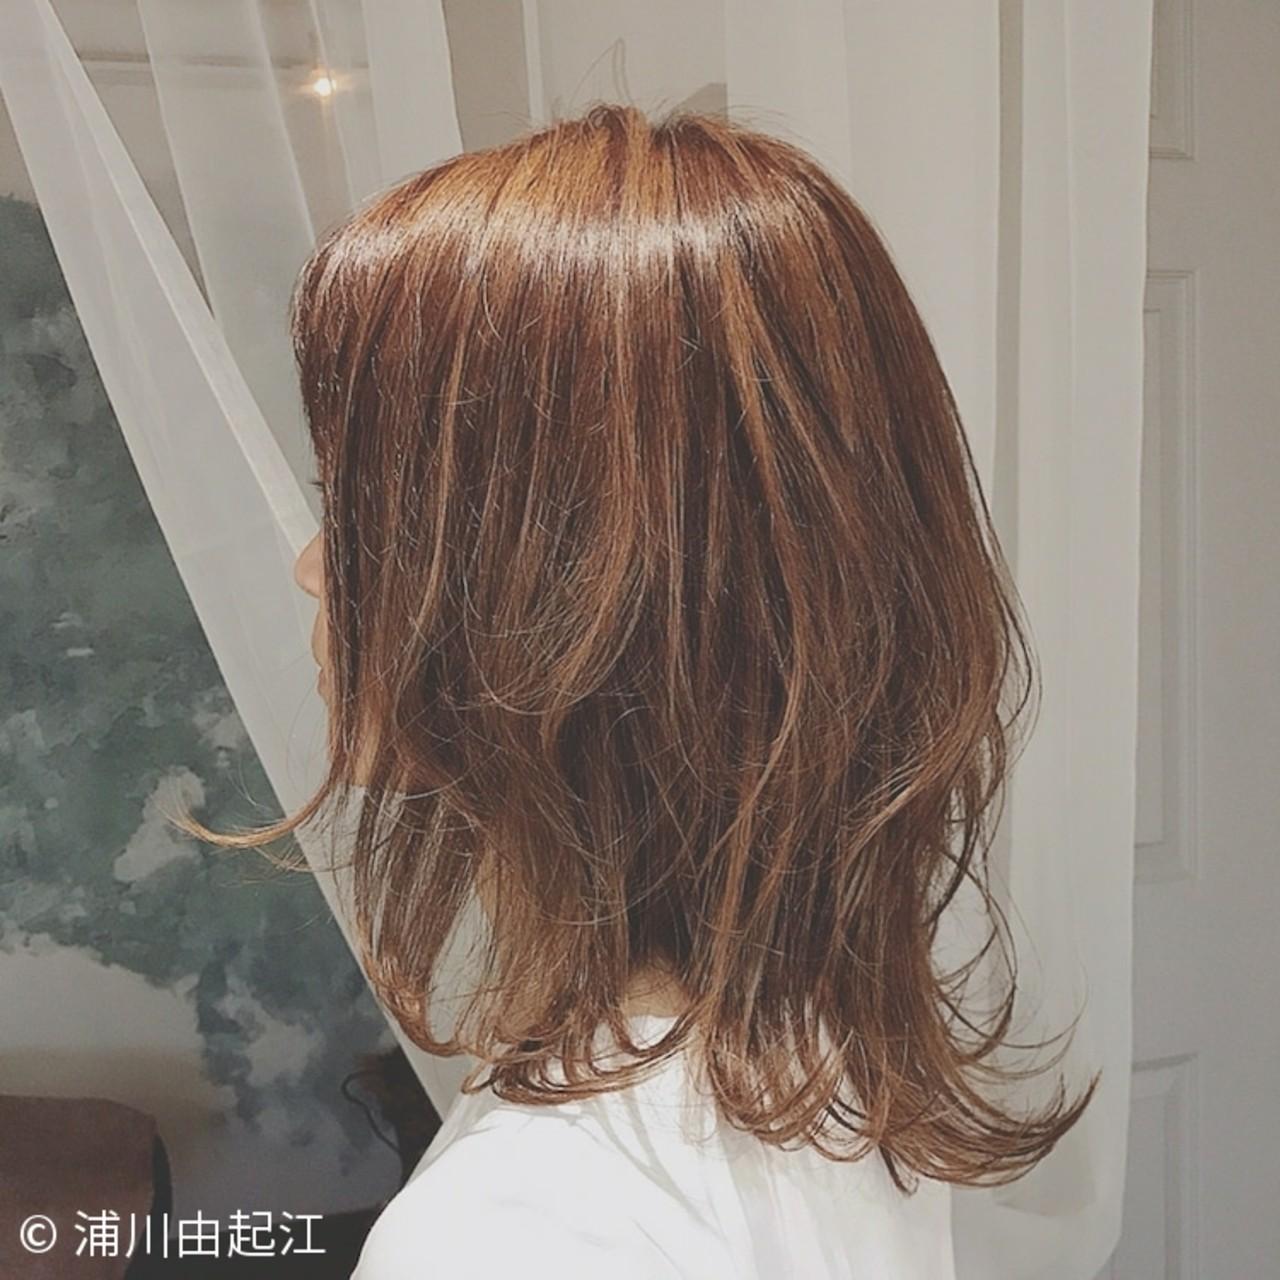 ゆるふわ グラデーションカラー 大人かわいい ミディアム ヘアスタイルや髪型の写真・画像